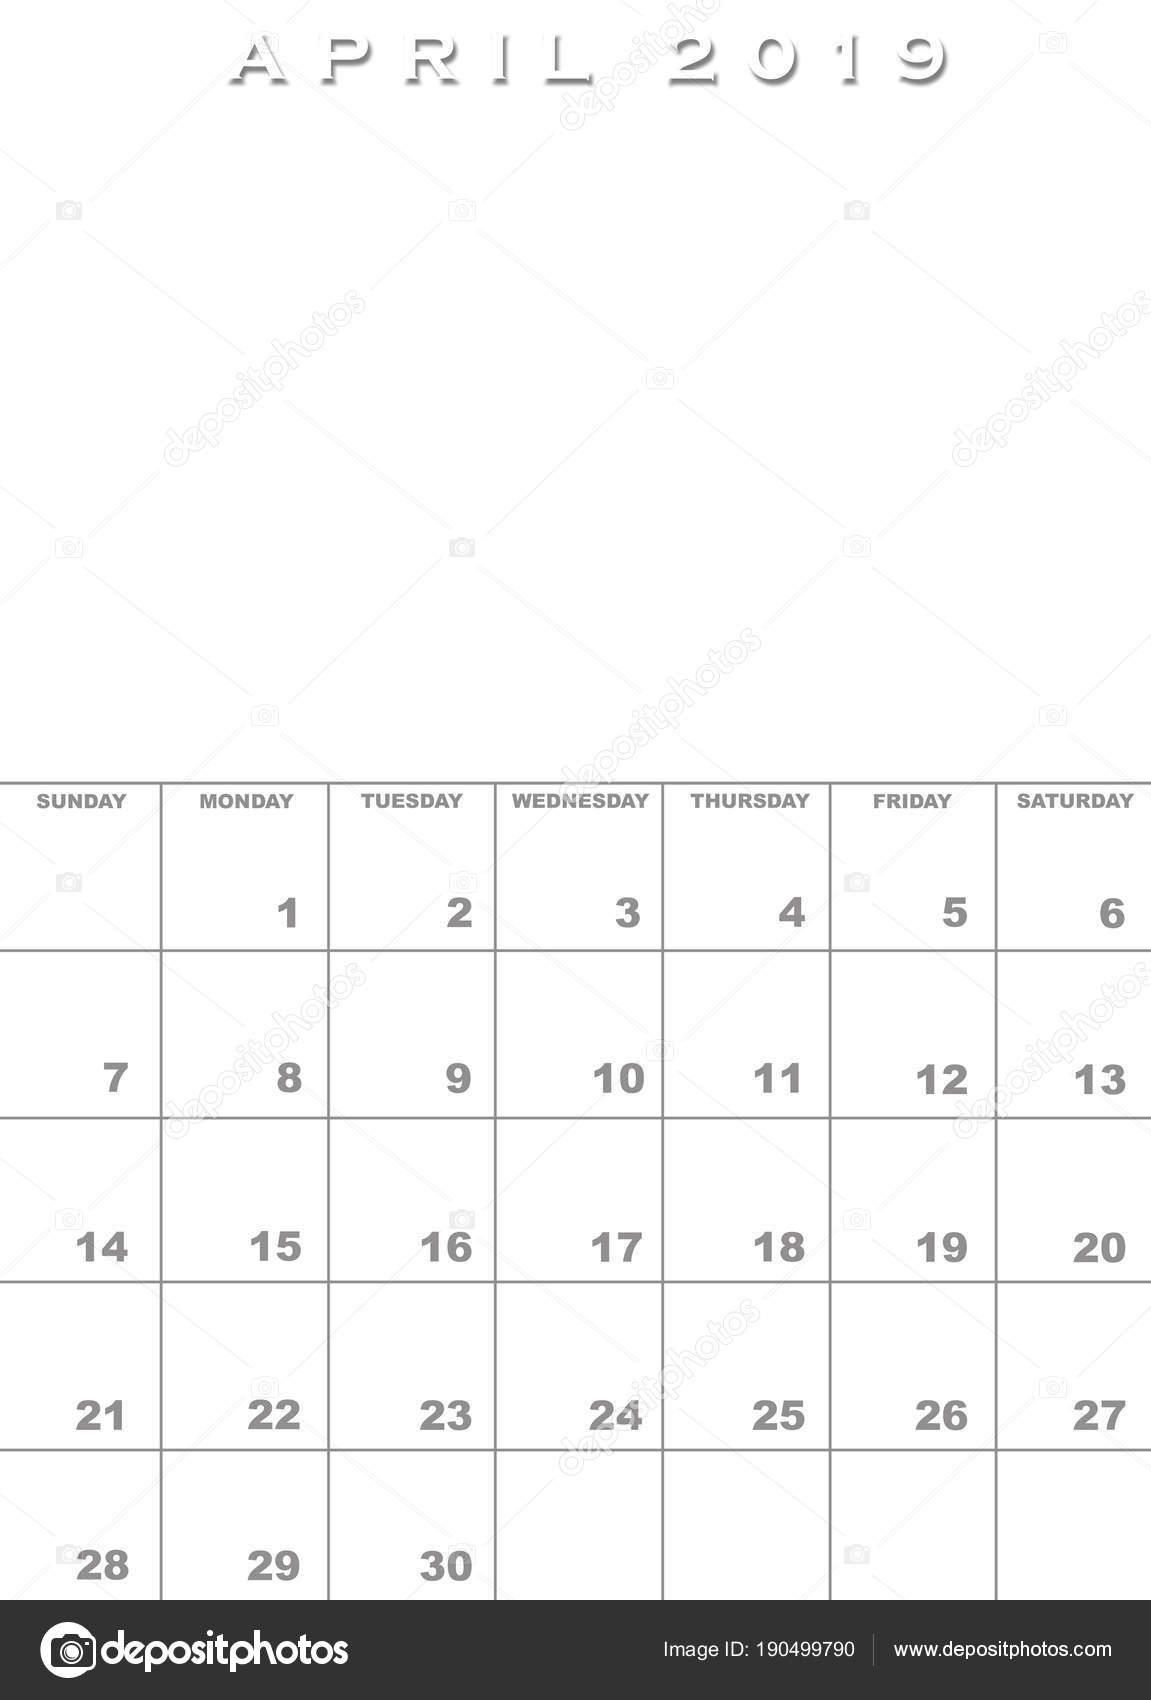 naptár sablonok 2019 Április 2019 Naptár sablon — Stock Fotó © paulvinten #190499790 naptár sablonok 2019